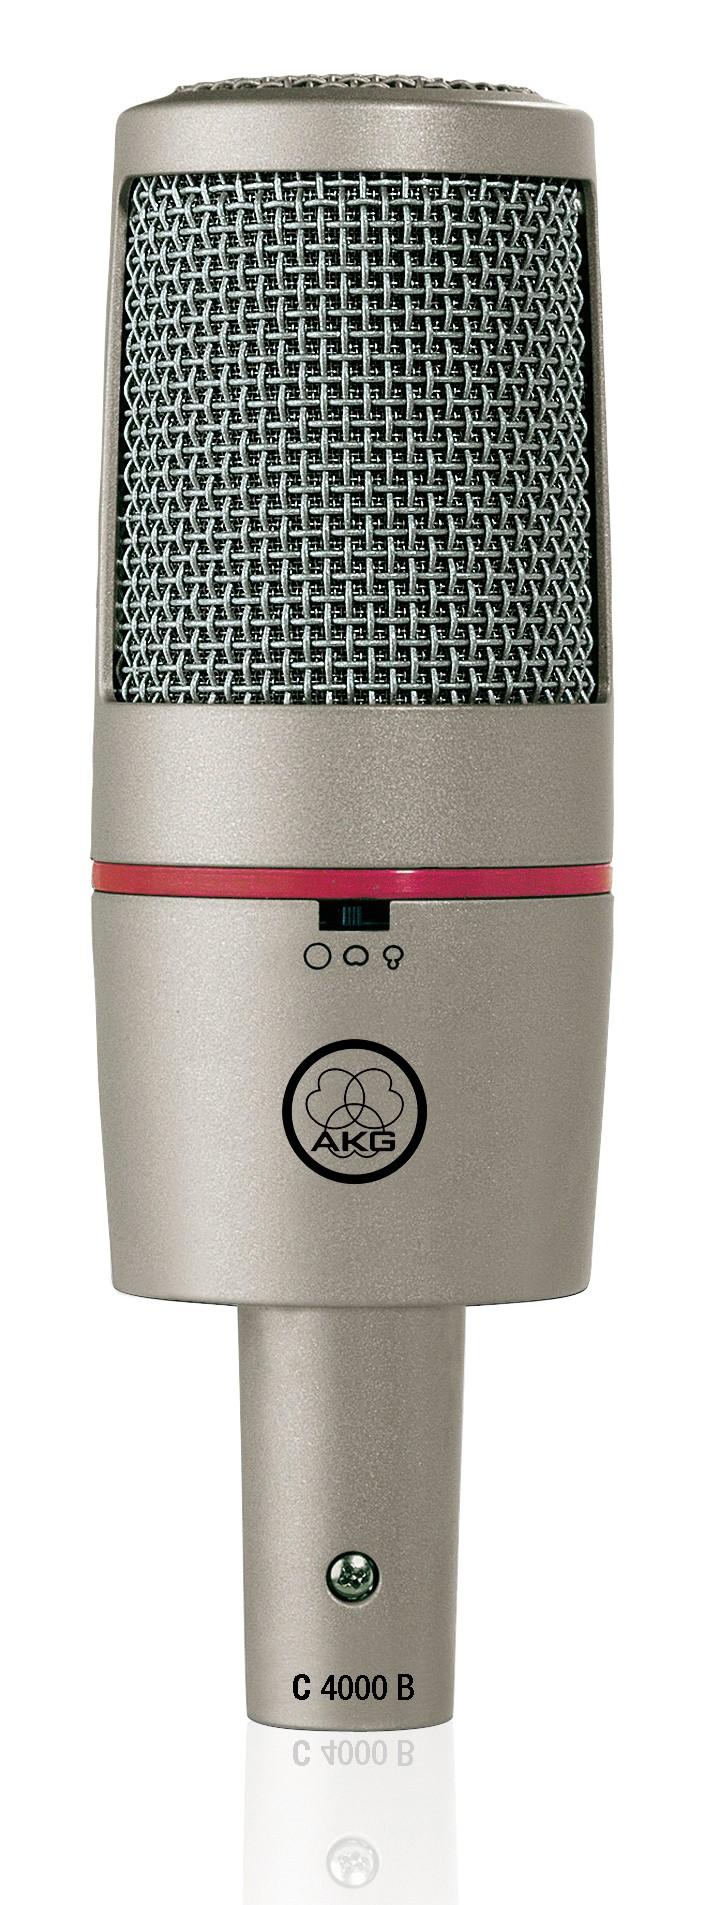 AKG C4000 B